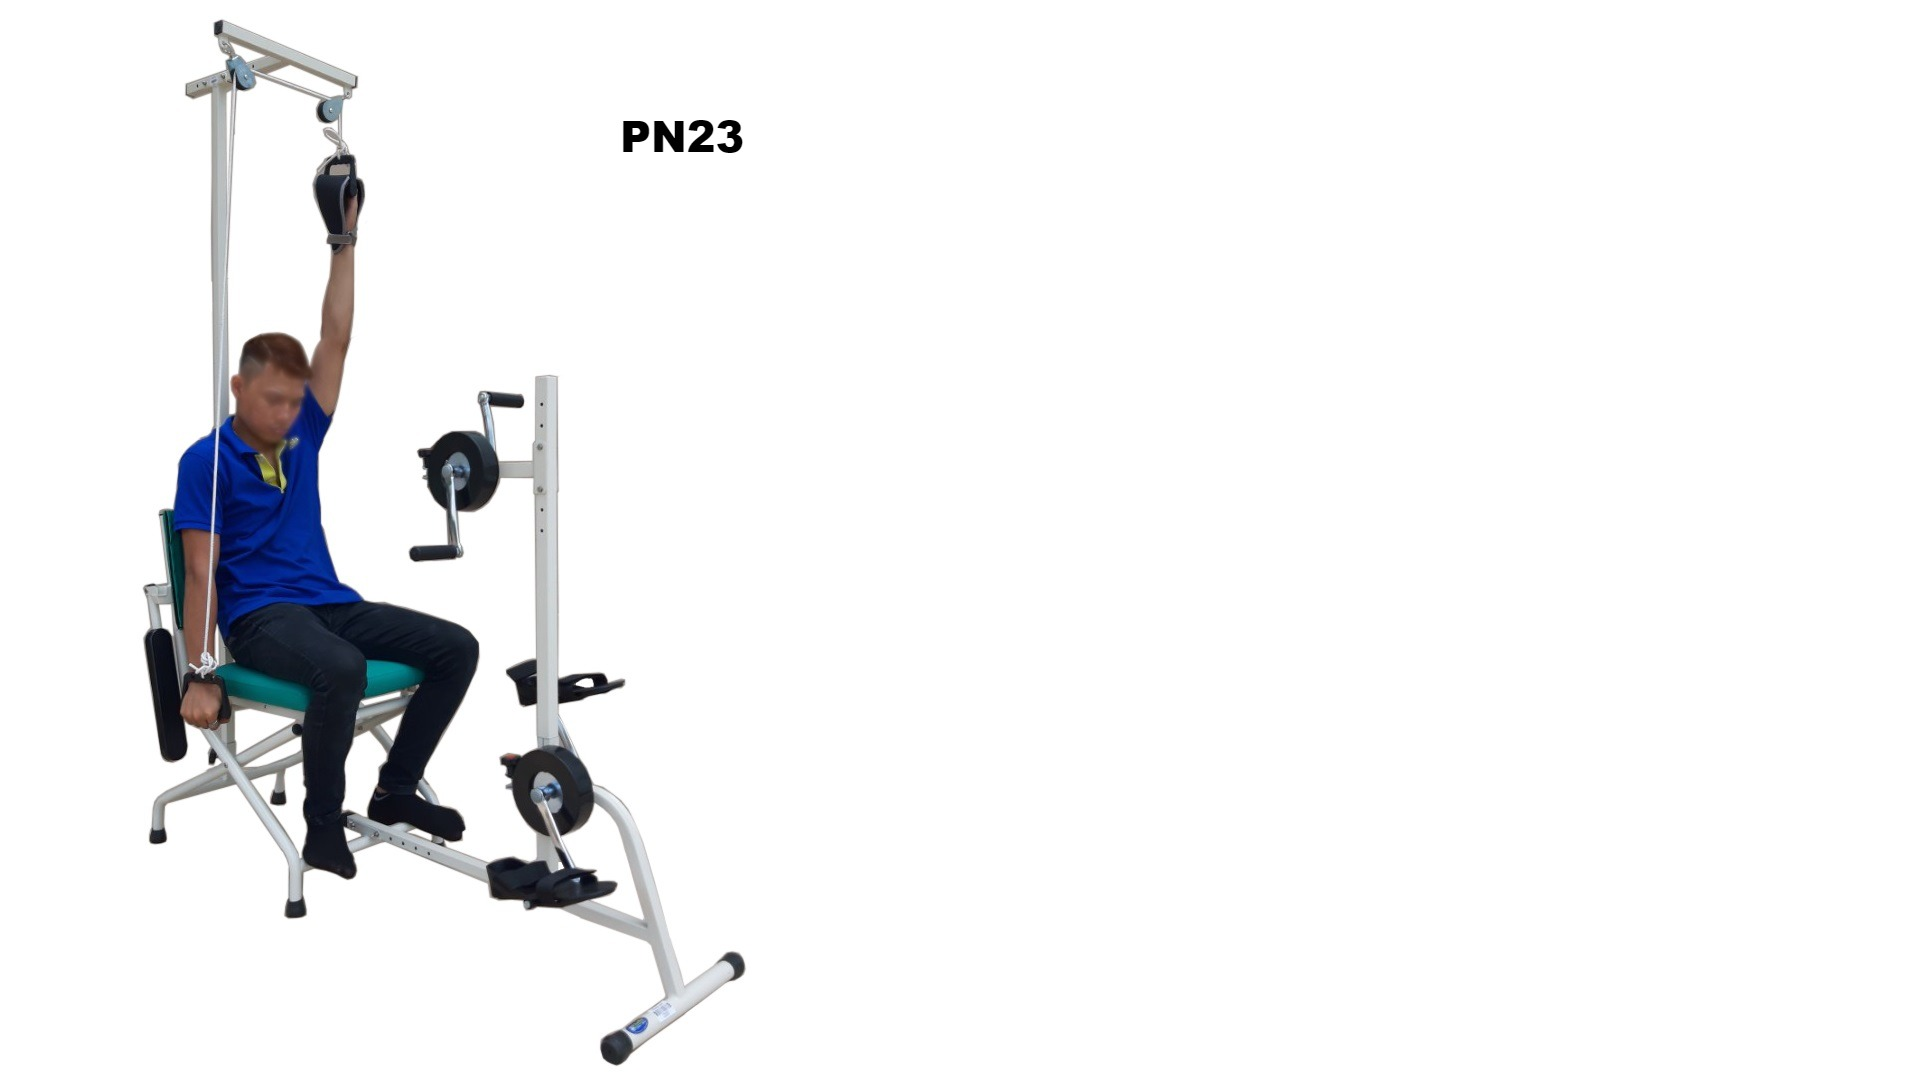 PN23 - Ghế tập mạnh tay chân (3 trong 1)